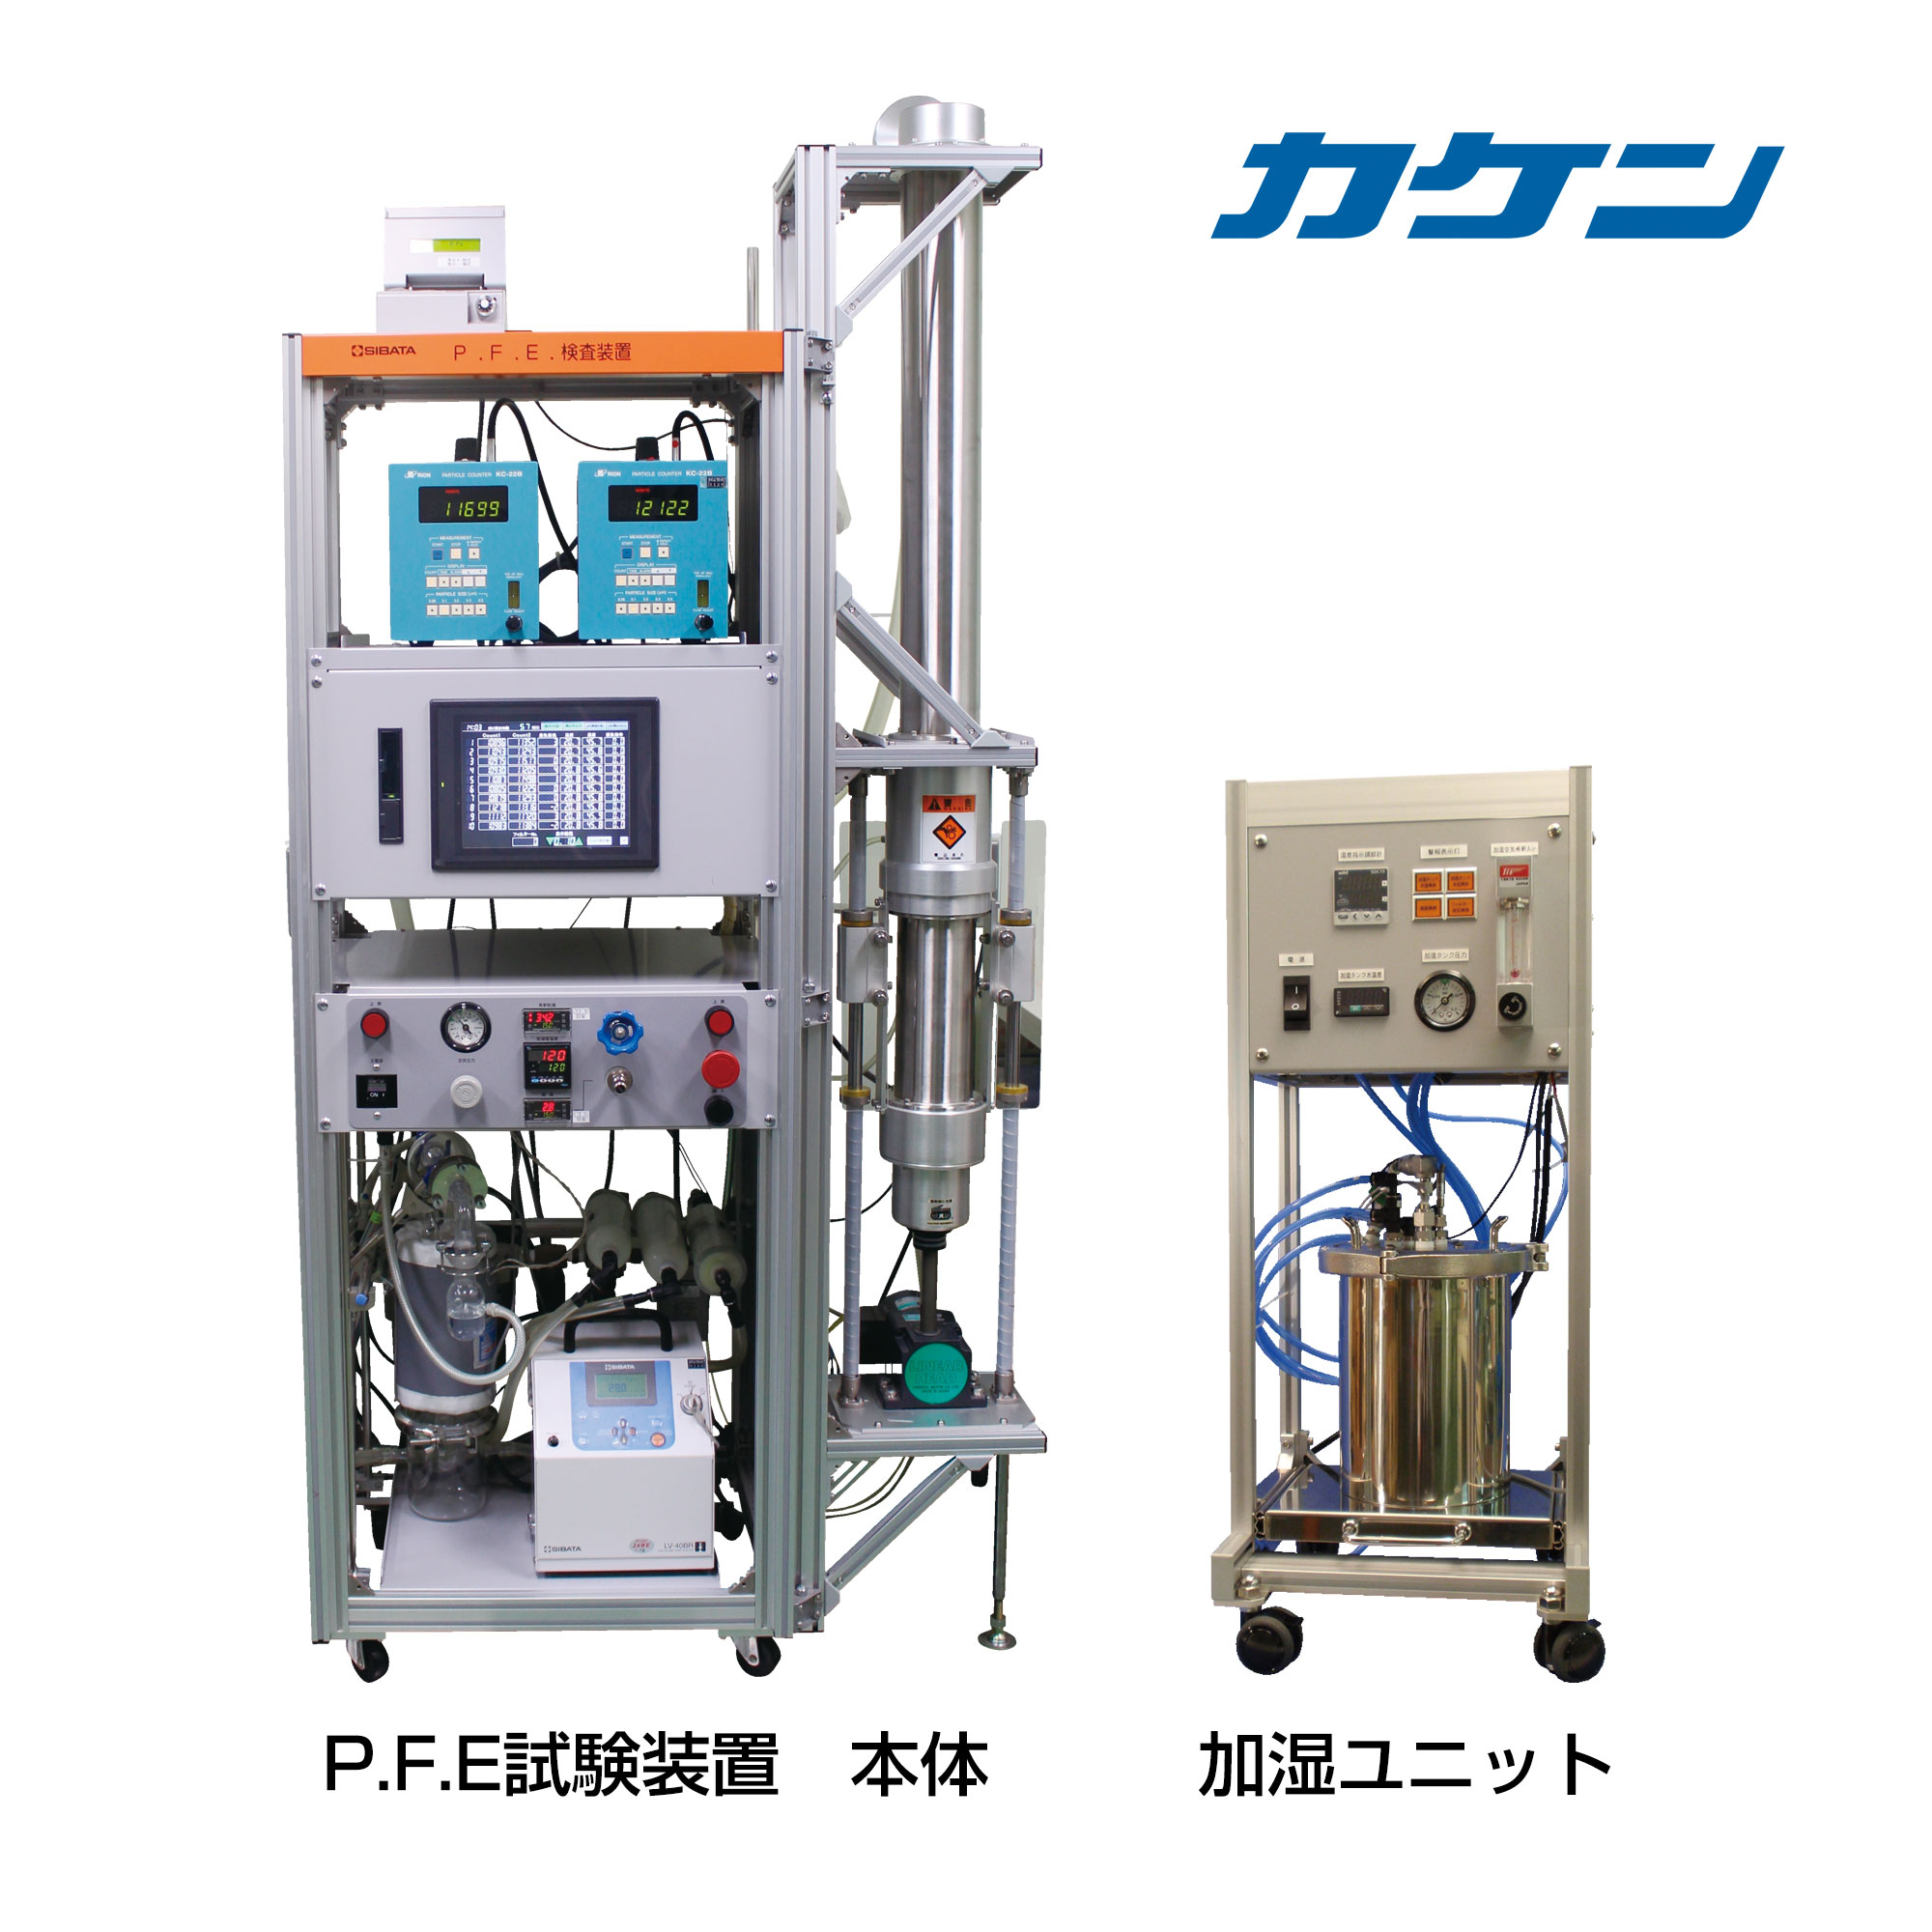 P.F.E検査装置 PFE-01型